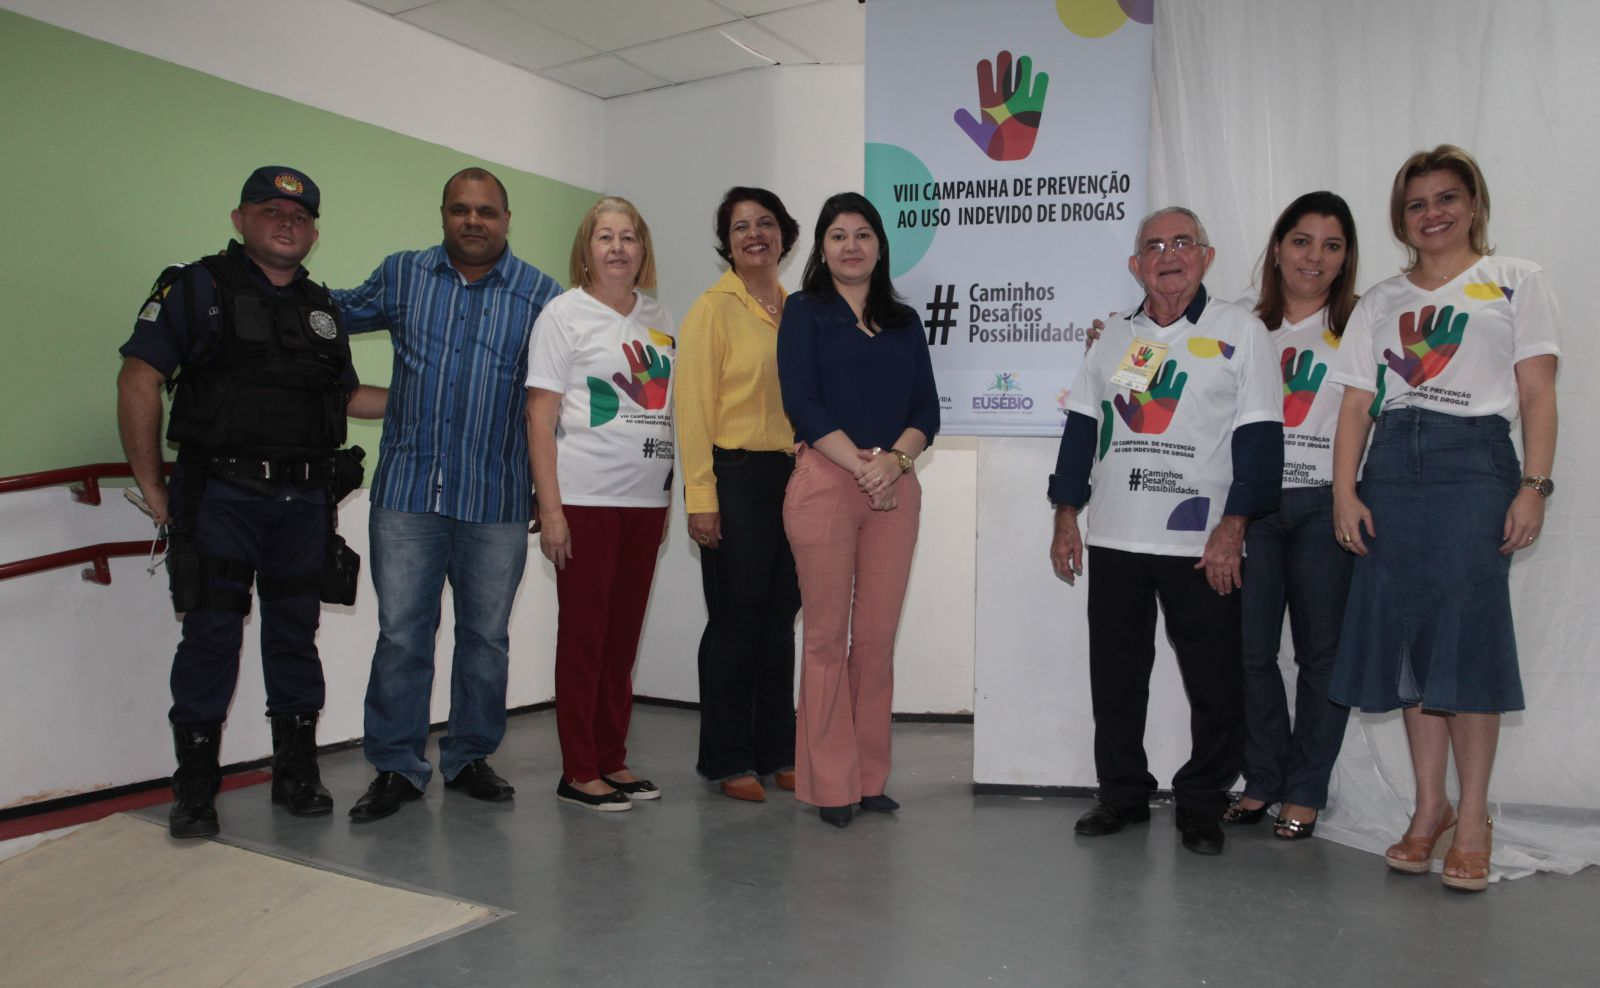 Fórum discute as Políticas Sobre Drogas no Eusébio